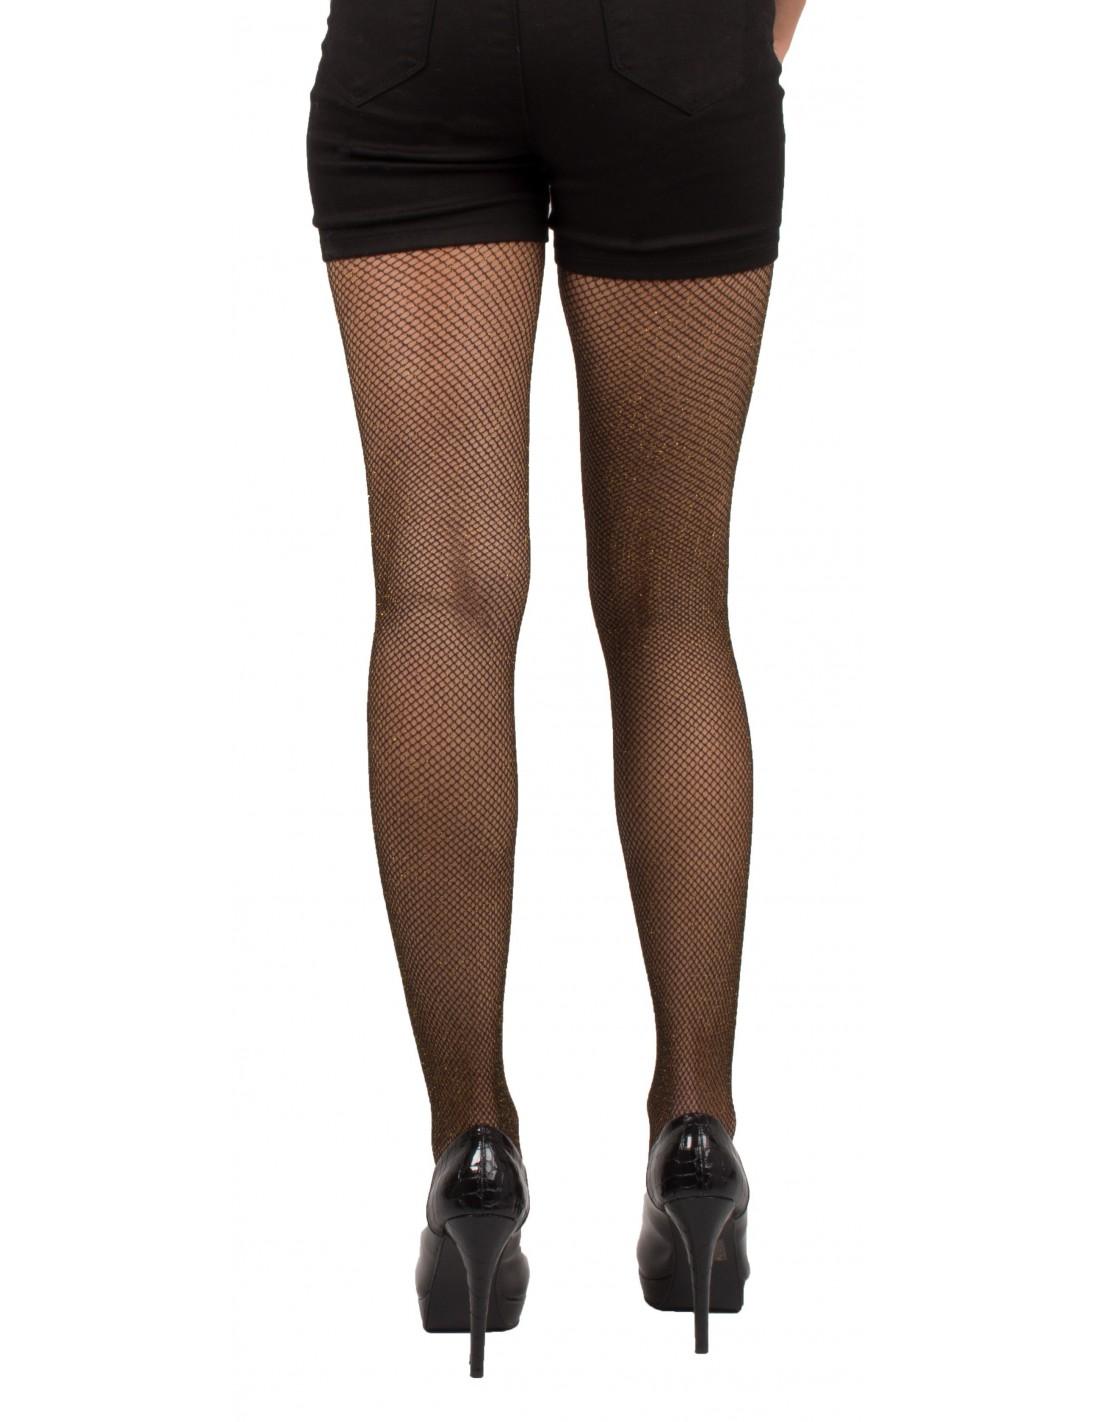 Pailletée Femme Argenté Résille Unique Taille Noir Doré Ou Collant ohCxQsrBtd